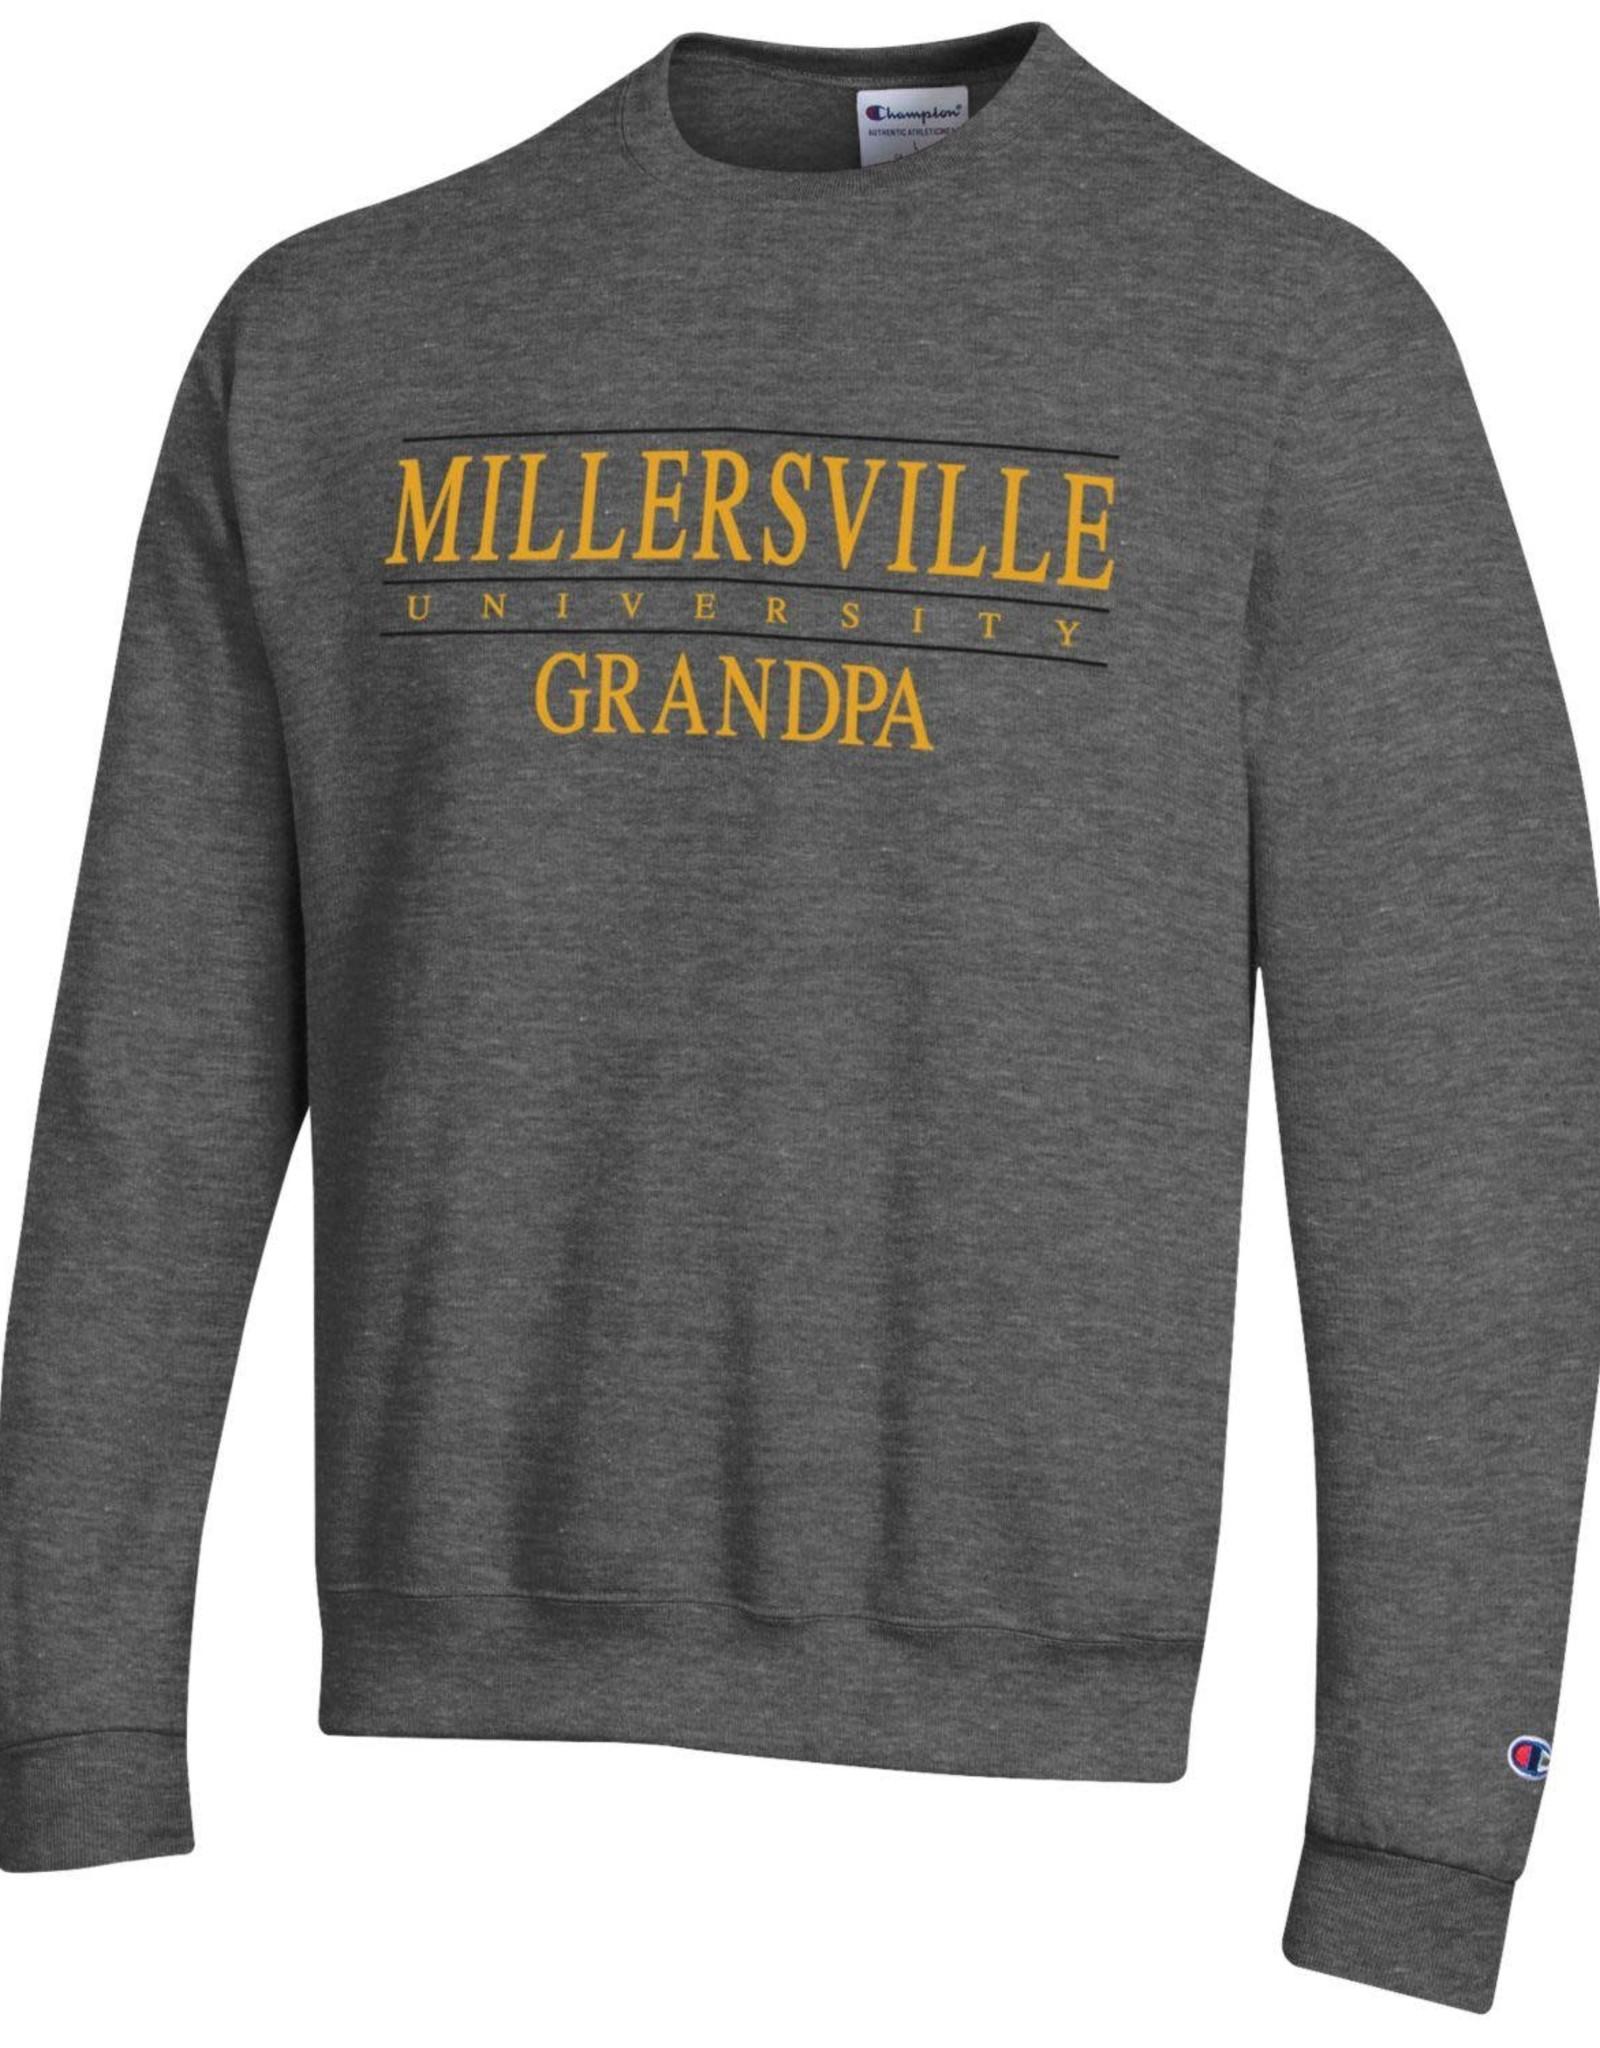 Champion Graphite Grandpa Crew